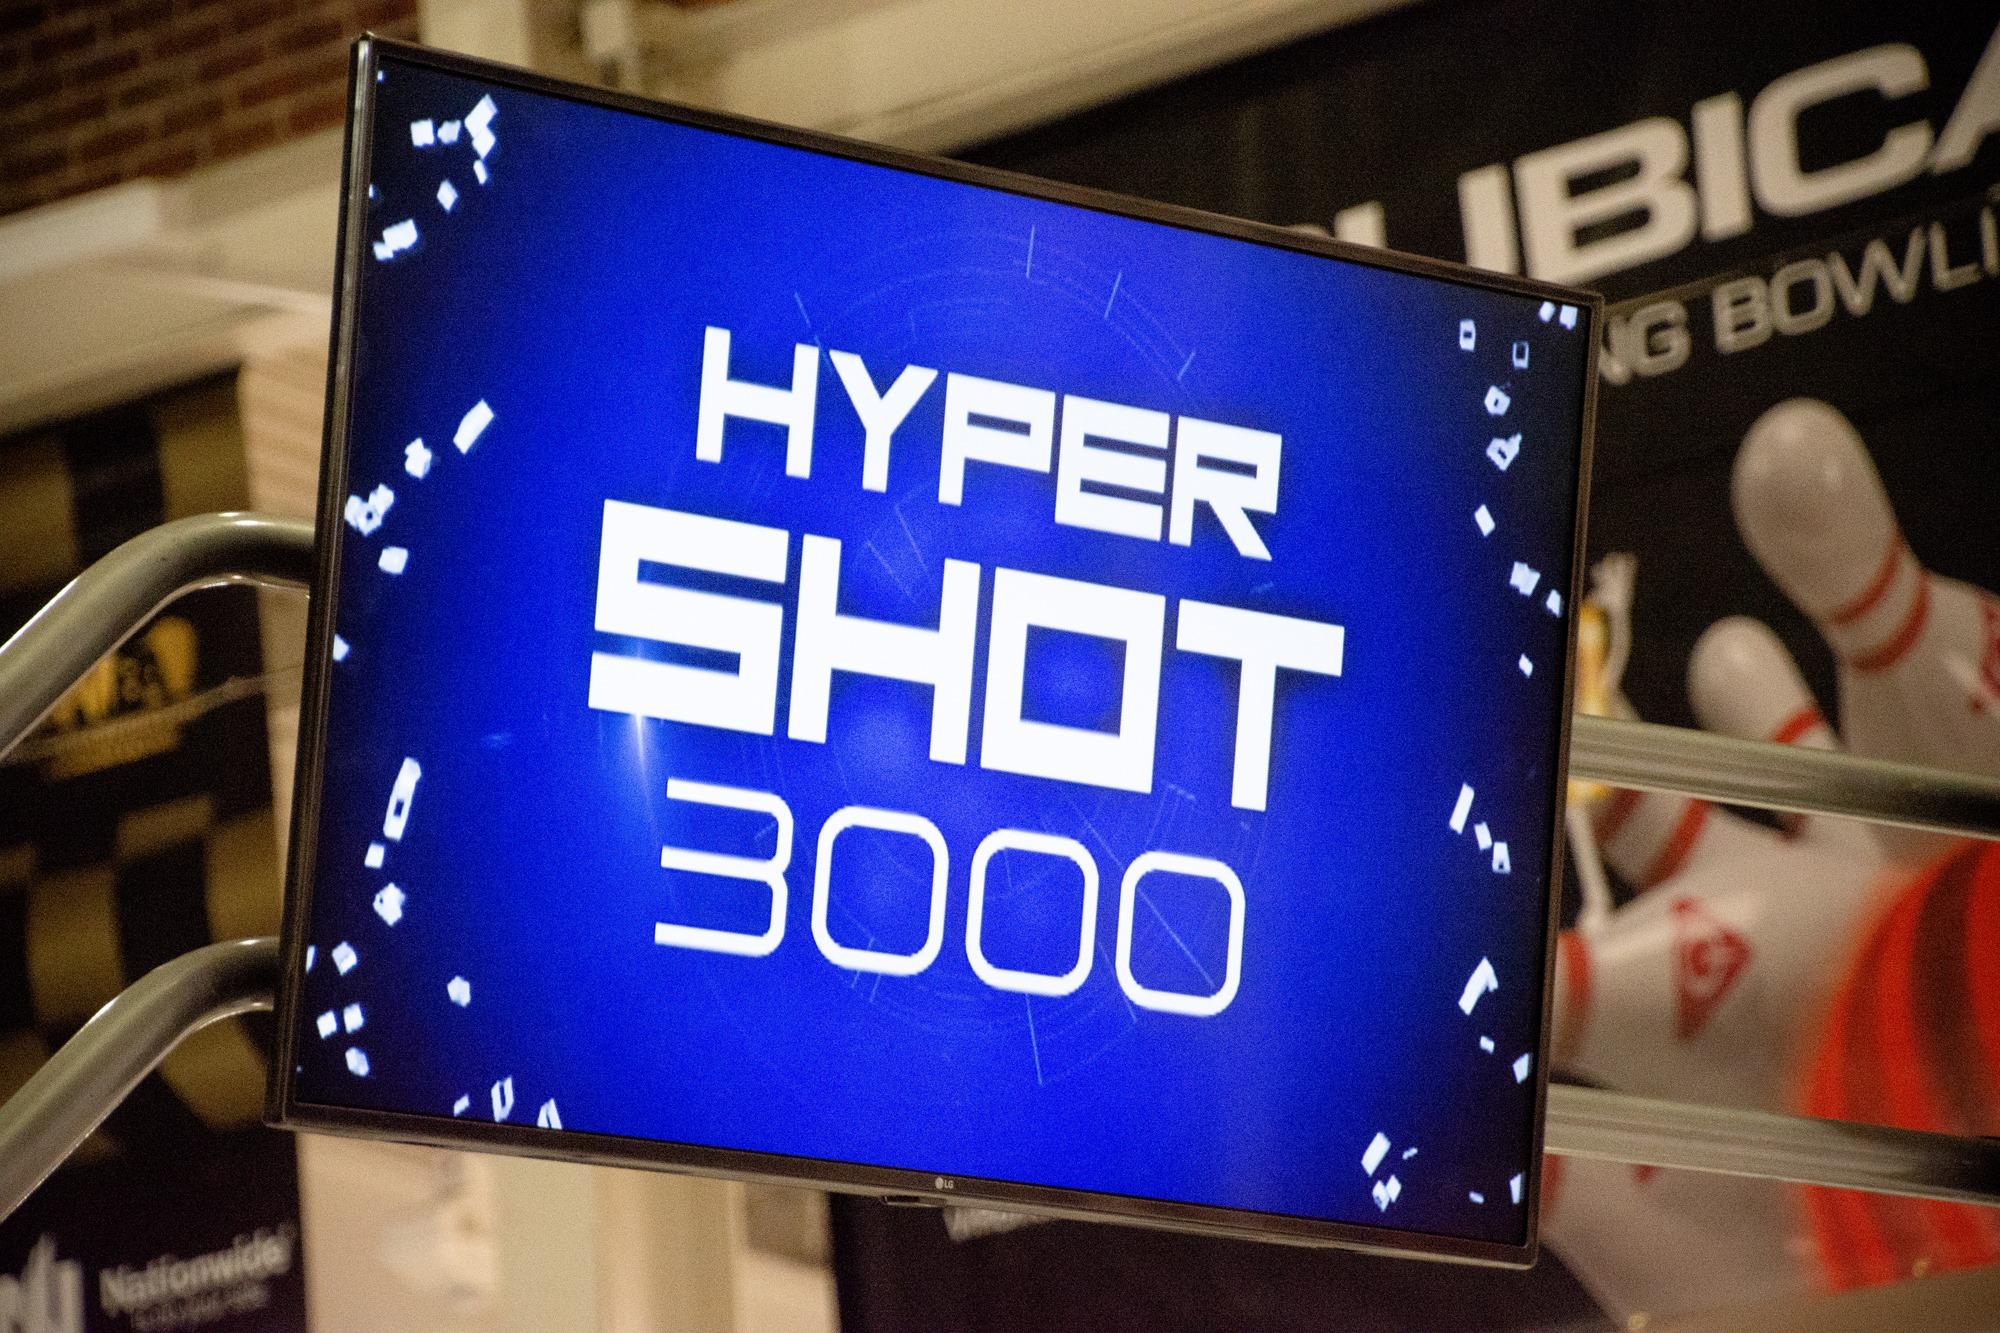 Hypershot logo